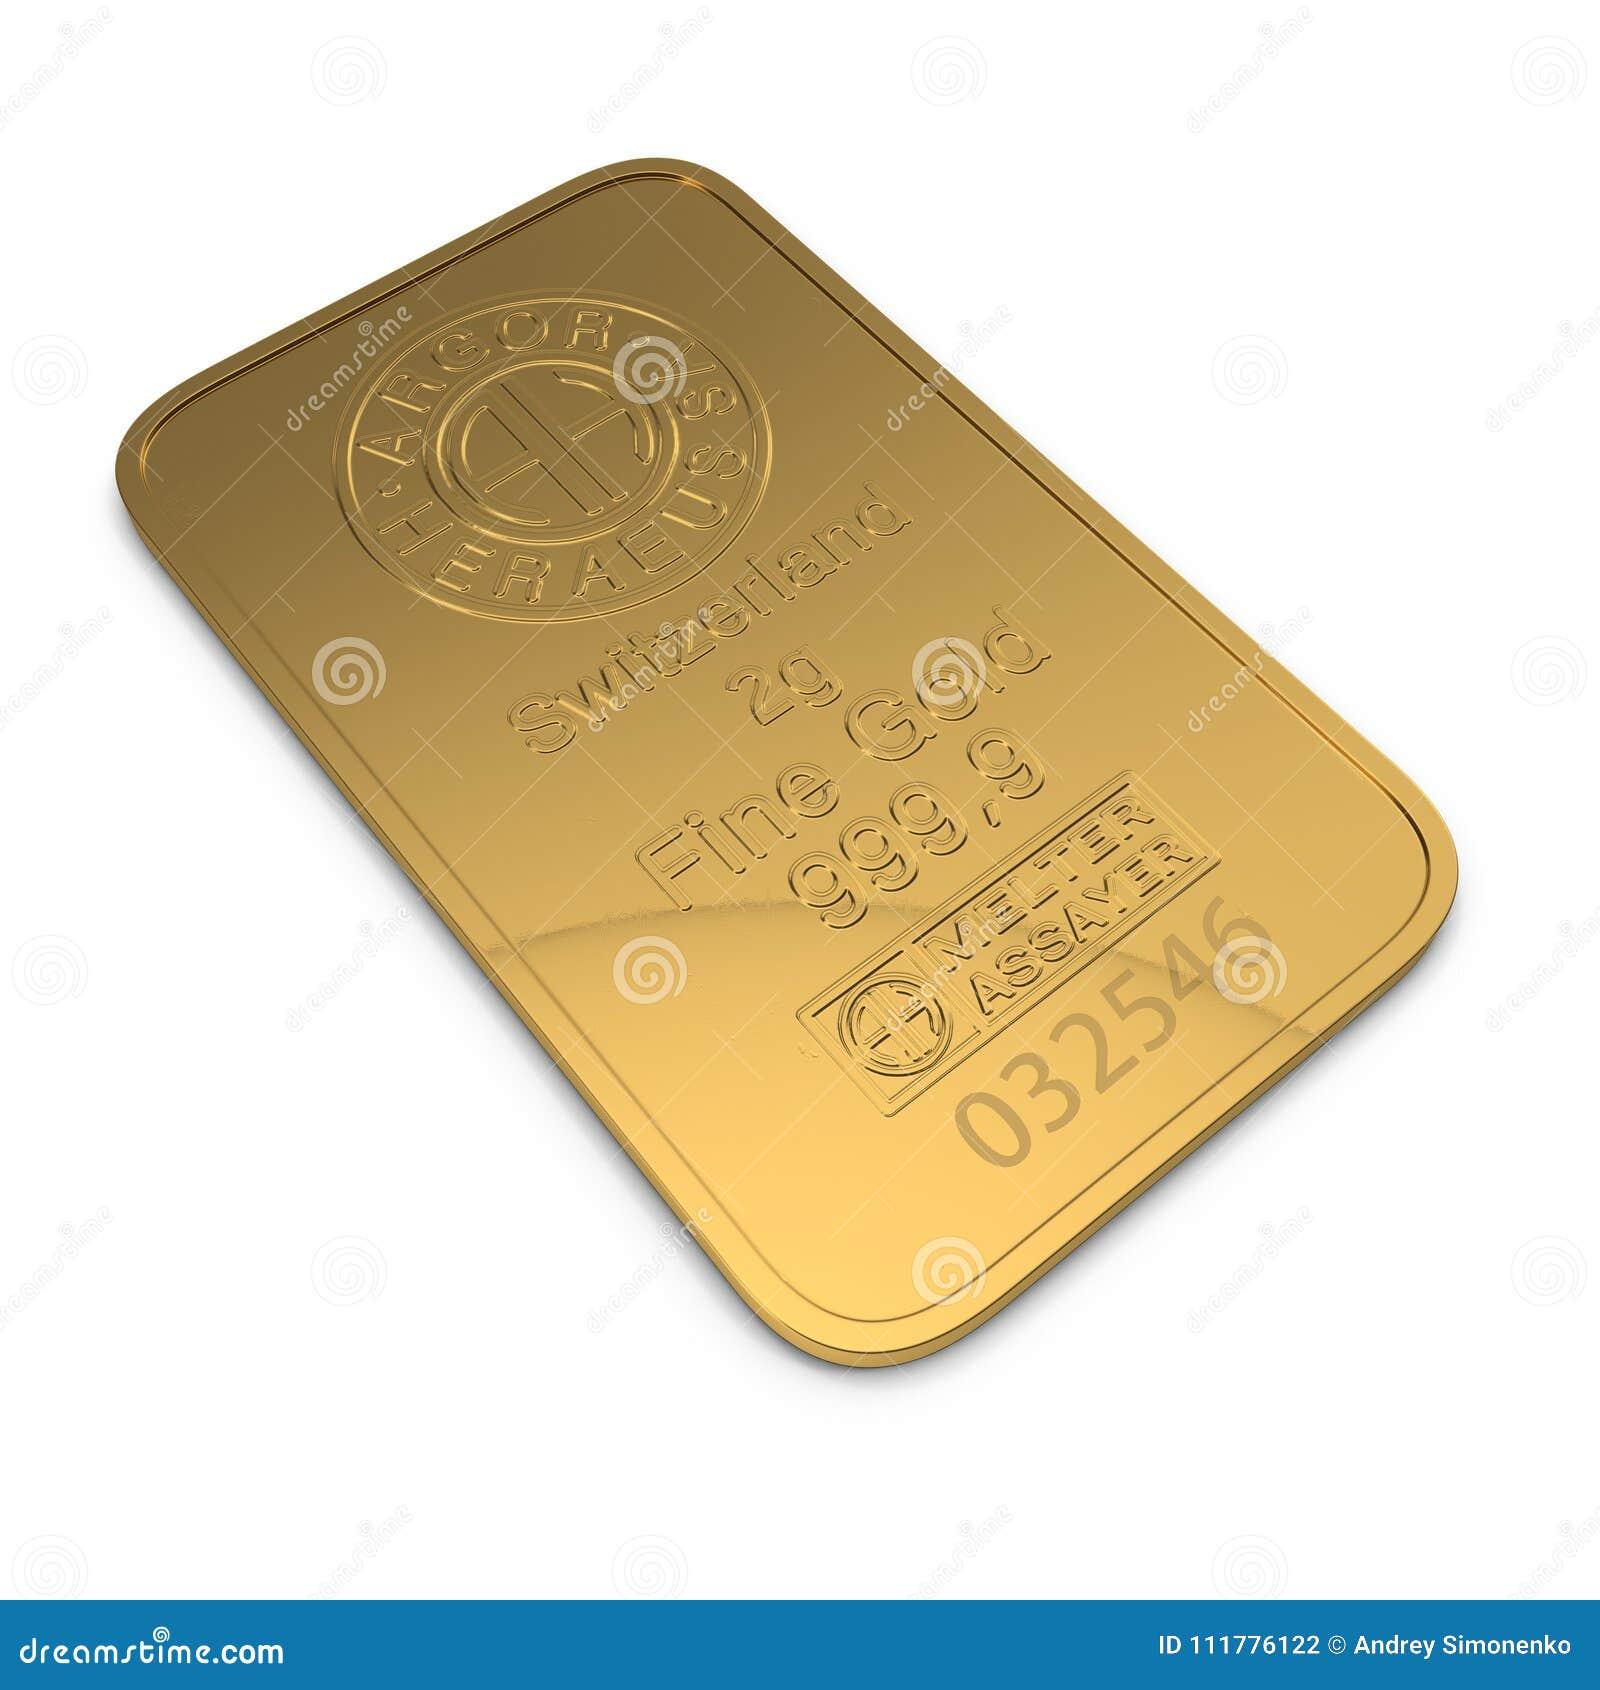 Gold bar 2g isolated on white. 3D illustration